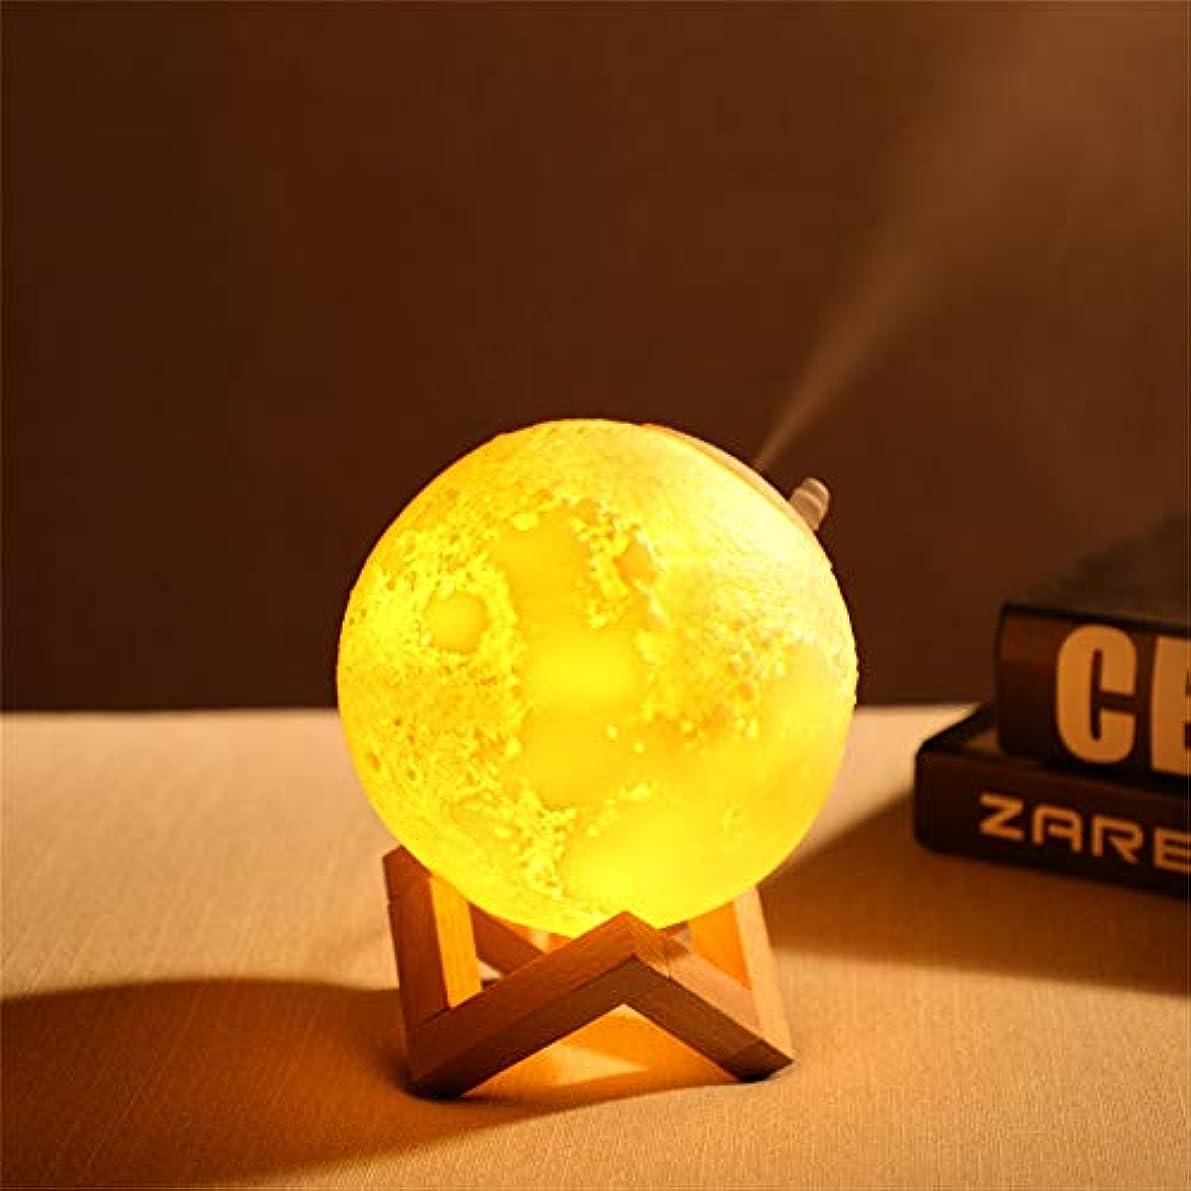 掃除変形意識Essential Oil Diffuser 3D Moon Lamp Ultrasonic Cool Mist Aroma Diffuser Multifunctional Waterless Auto Shut-Off...